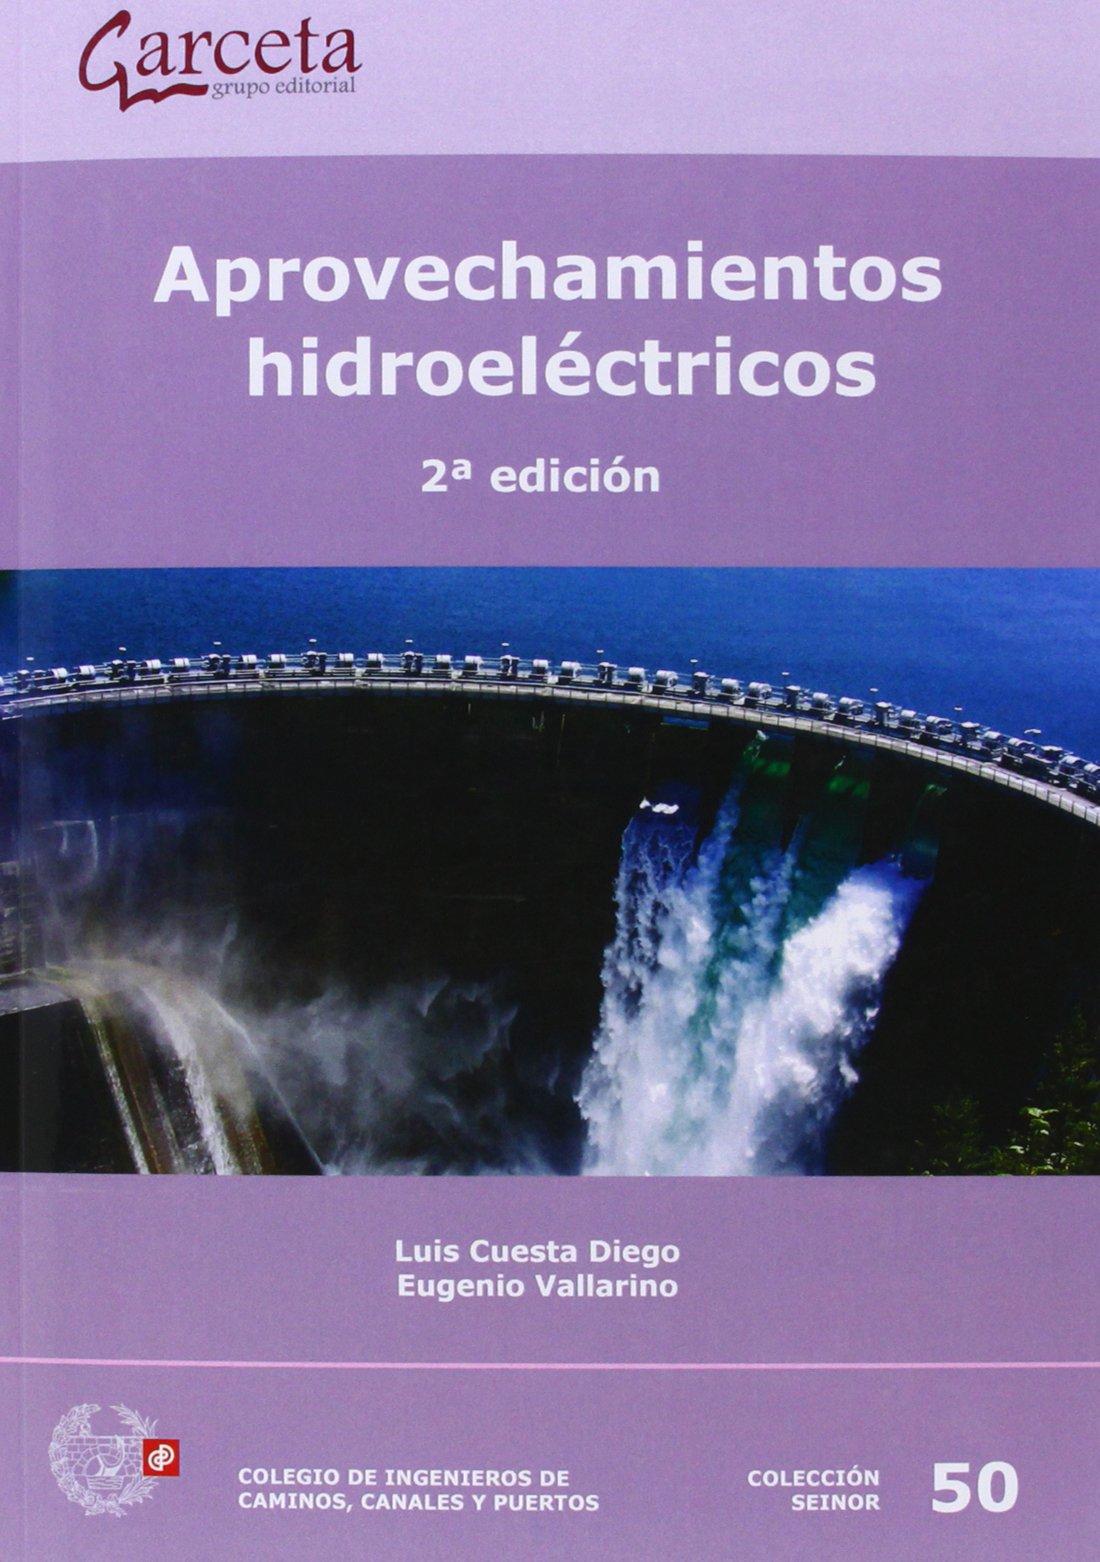 Aprovechamientos hidroeléctricos